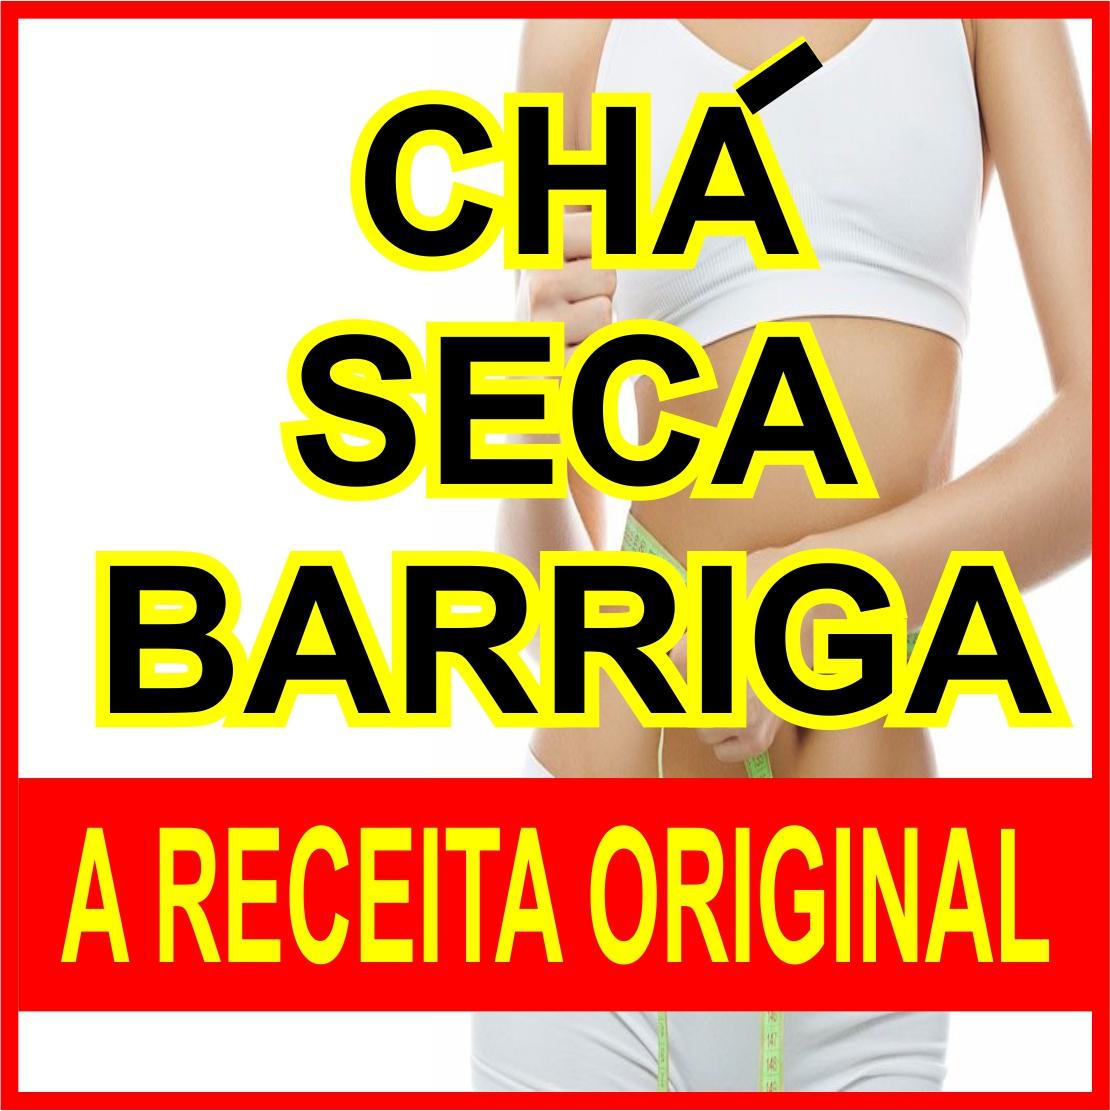 Chá SECA BARRIGA - A receita Original